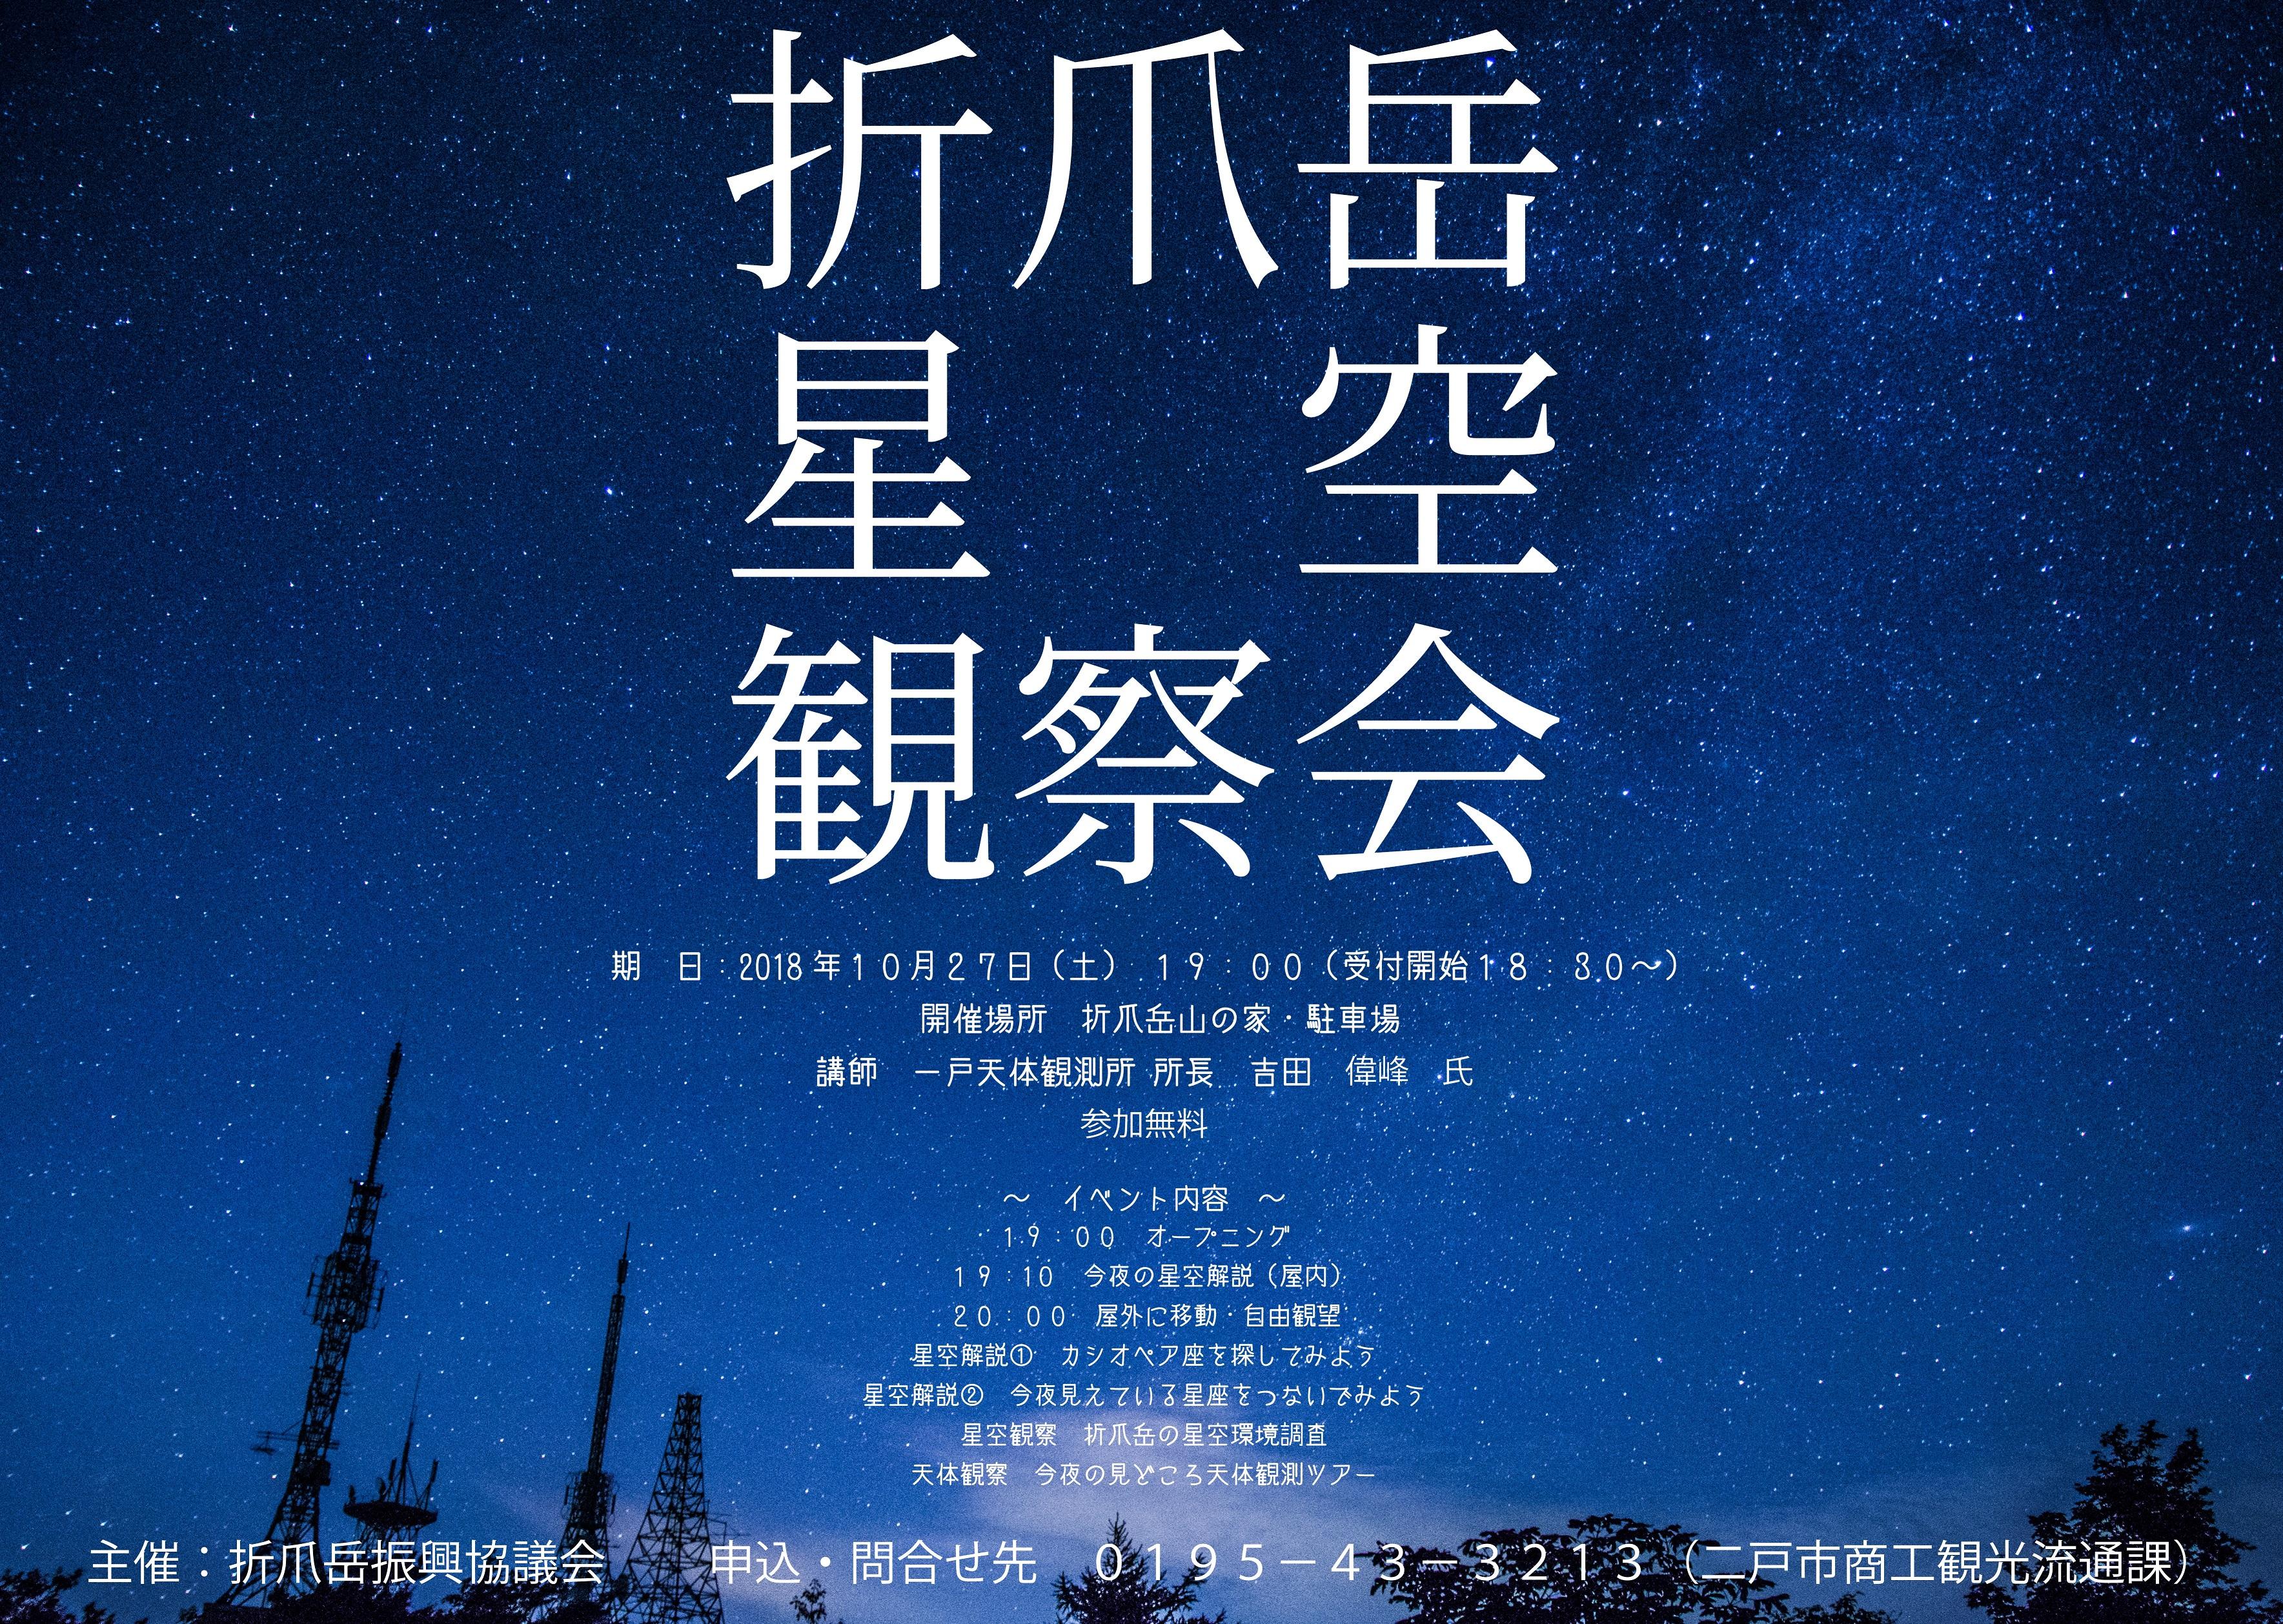 「折爪岳星空観察会」開催のお知らせ(終了)